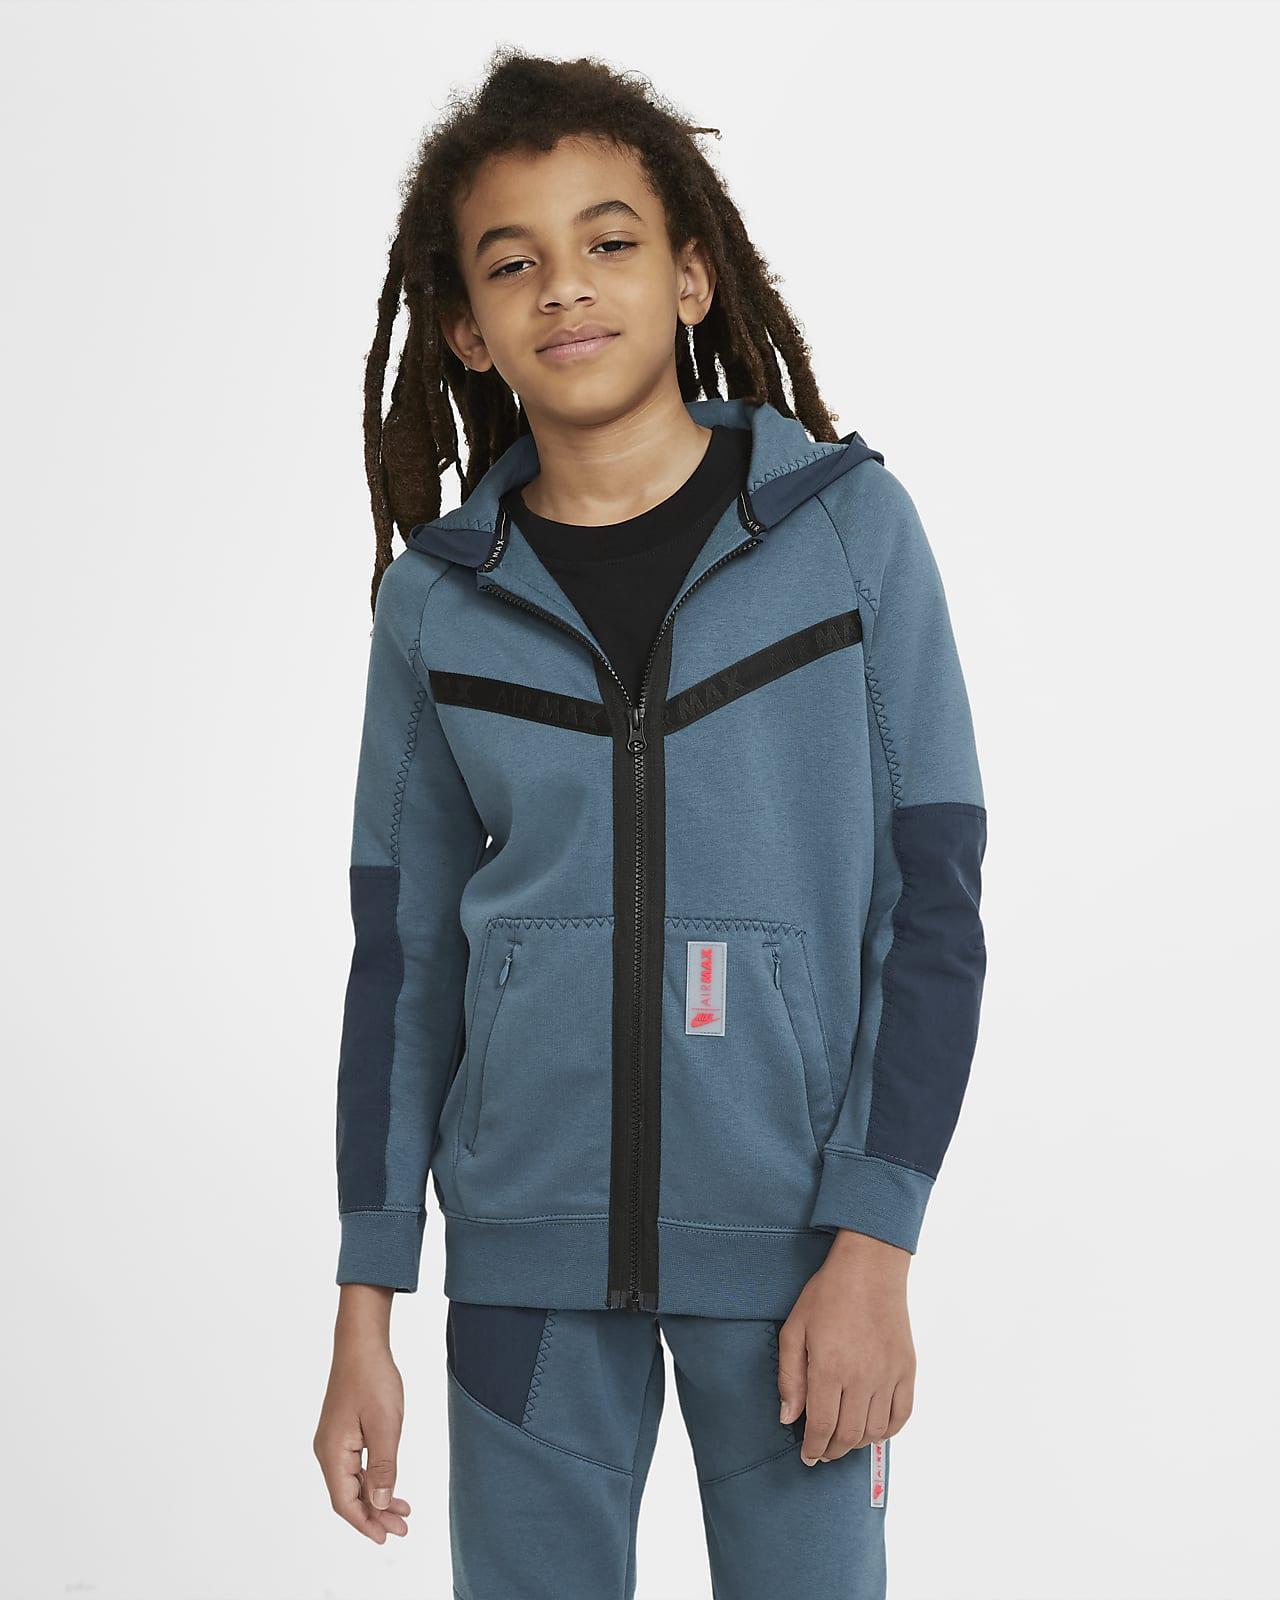 Nike Sportswear Air Max Fleece Tam Boy Fermuarlı Genç Çocuk (Erkek) Kapüşonlu Üstü